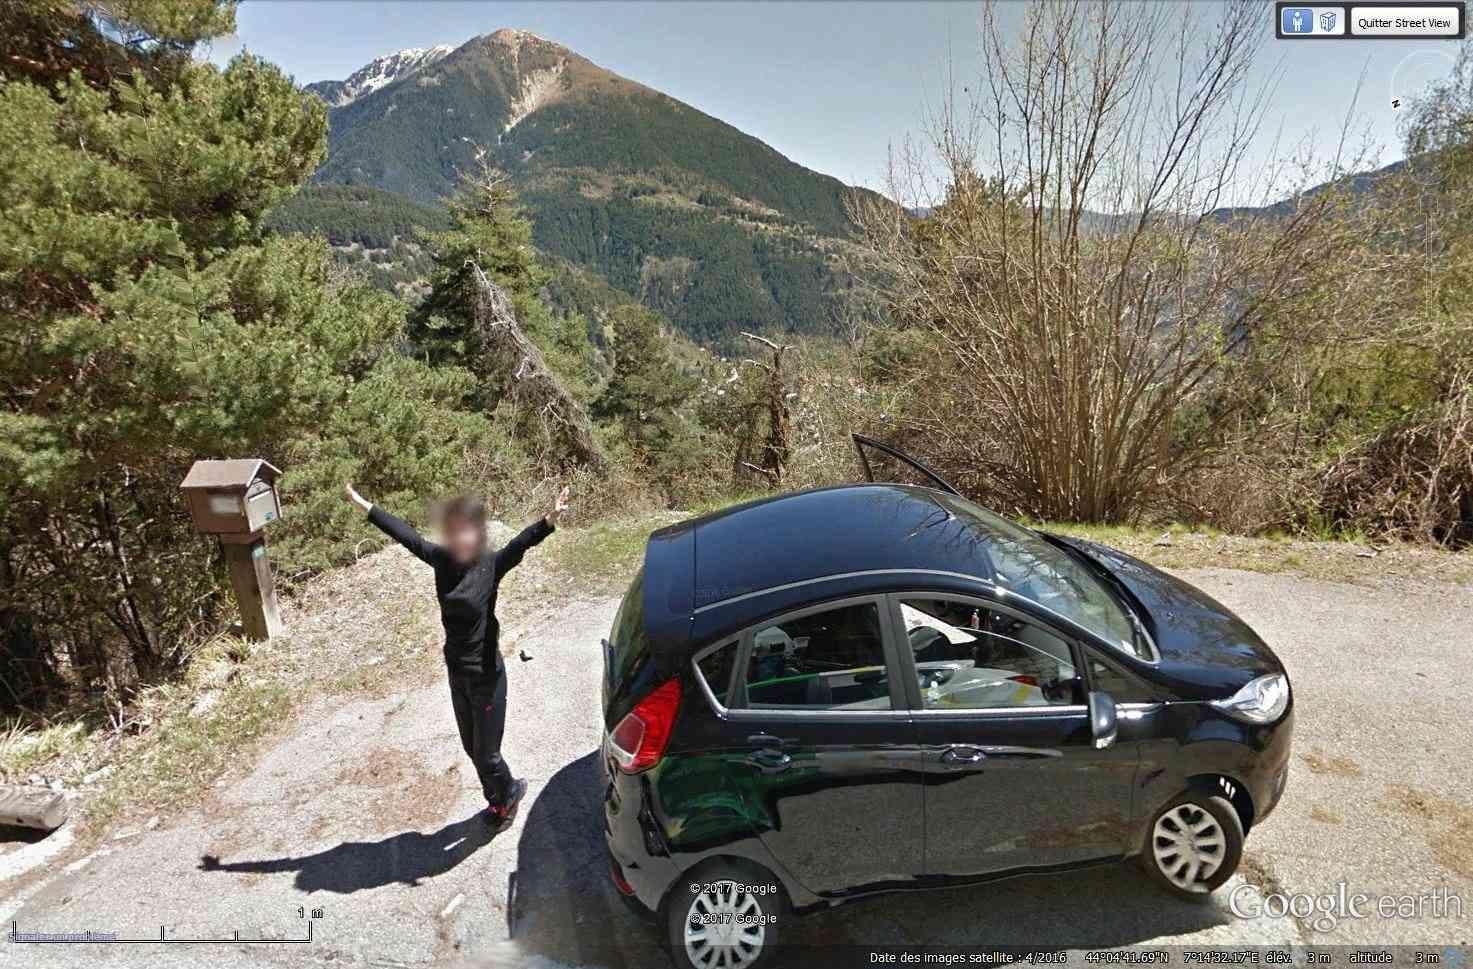 STREET VIEW : un coucou à la Google car  - Page 40 Tsge_247